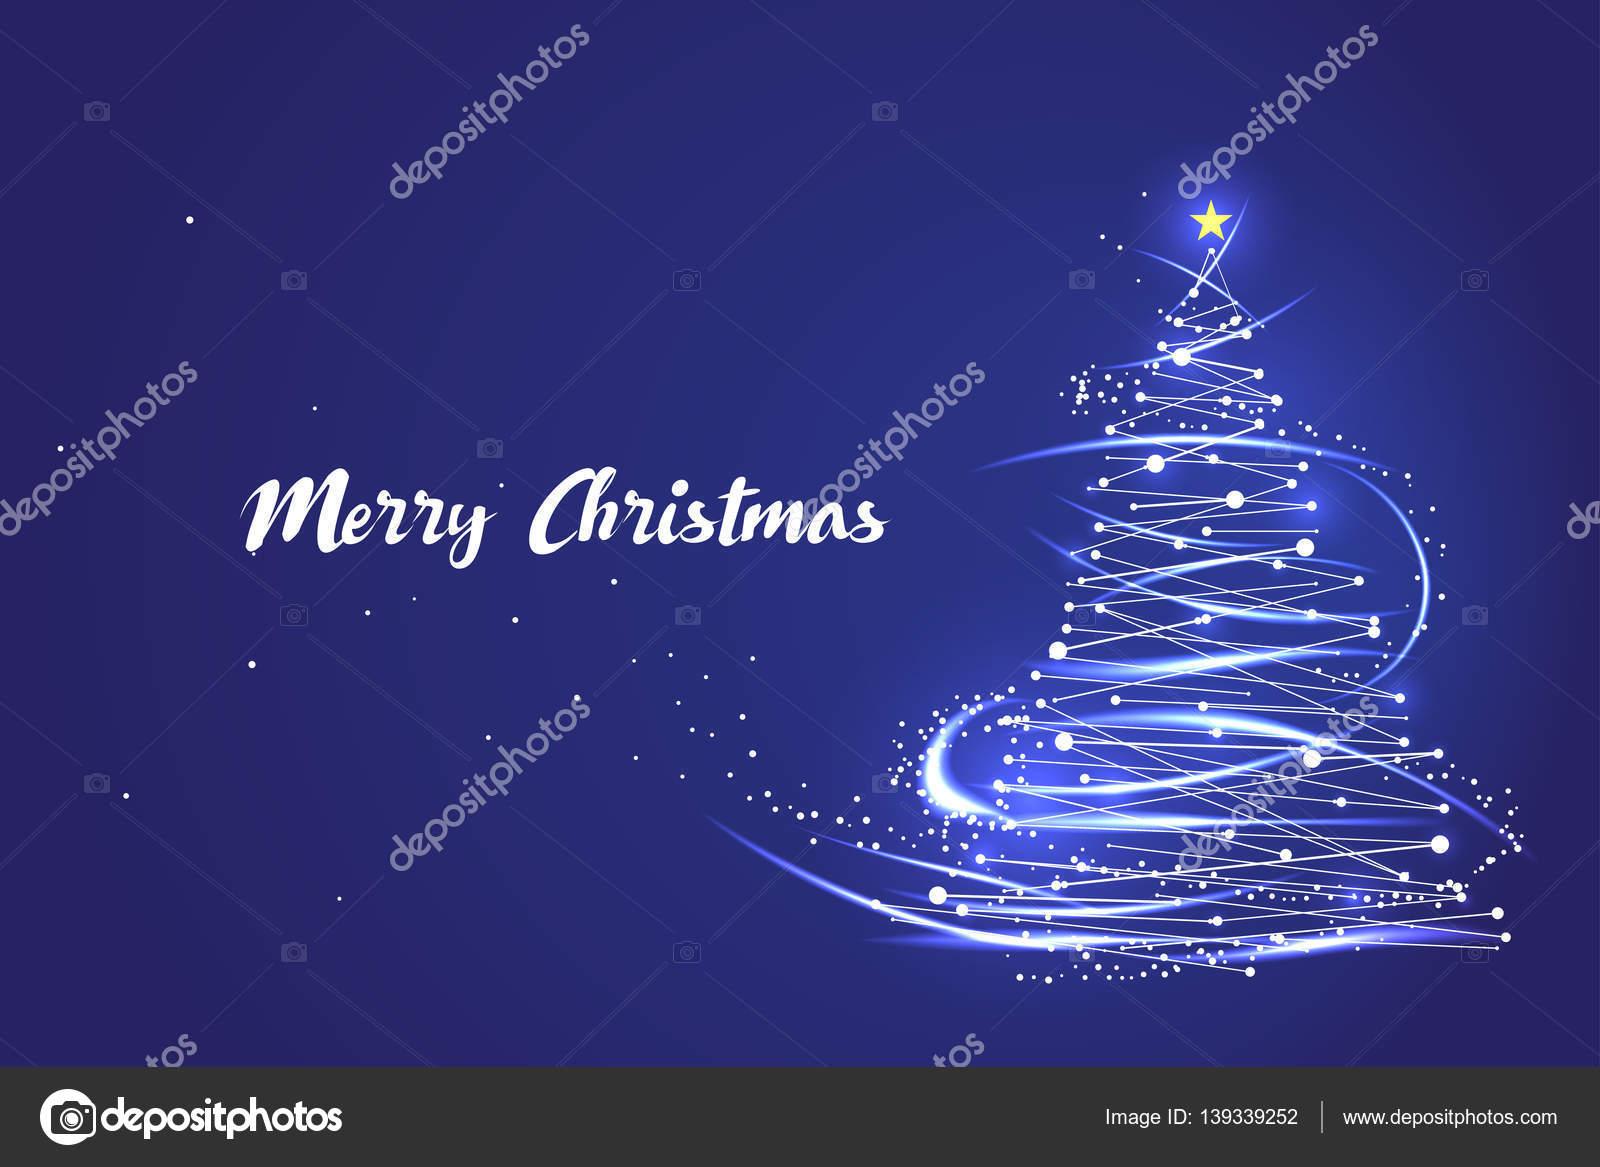 Immagini Natale Movimento.Immagini In Movimento Natale Buon Natale E Felice Anno Nuovo